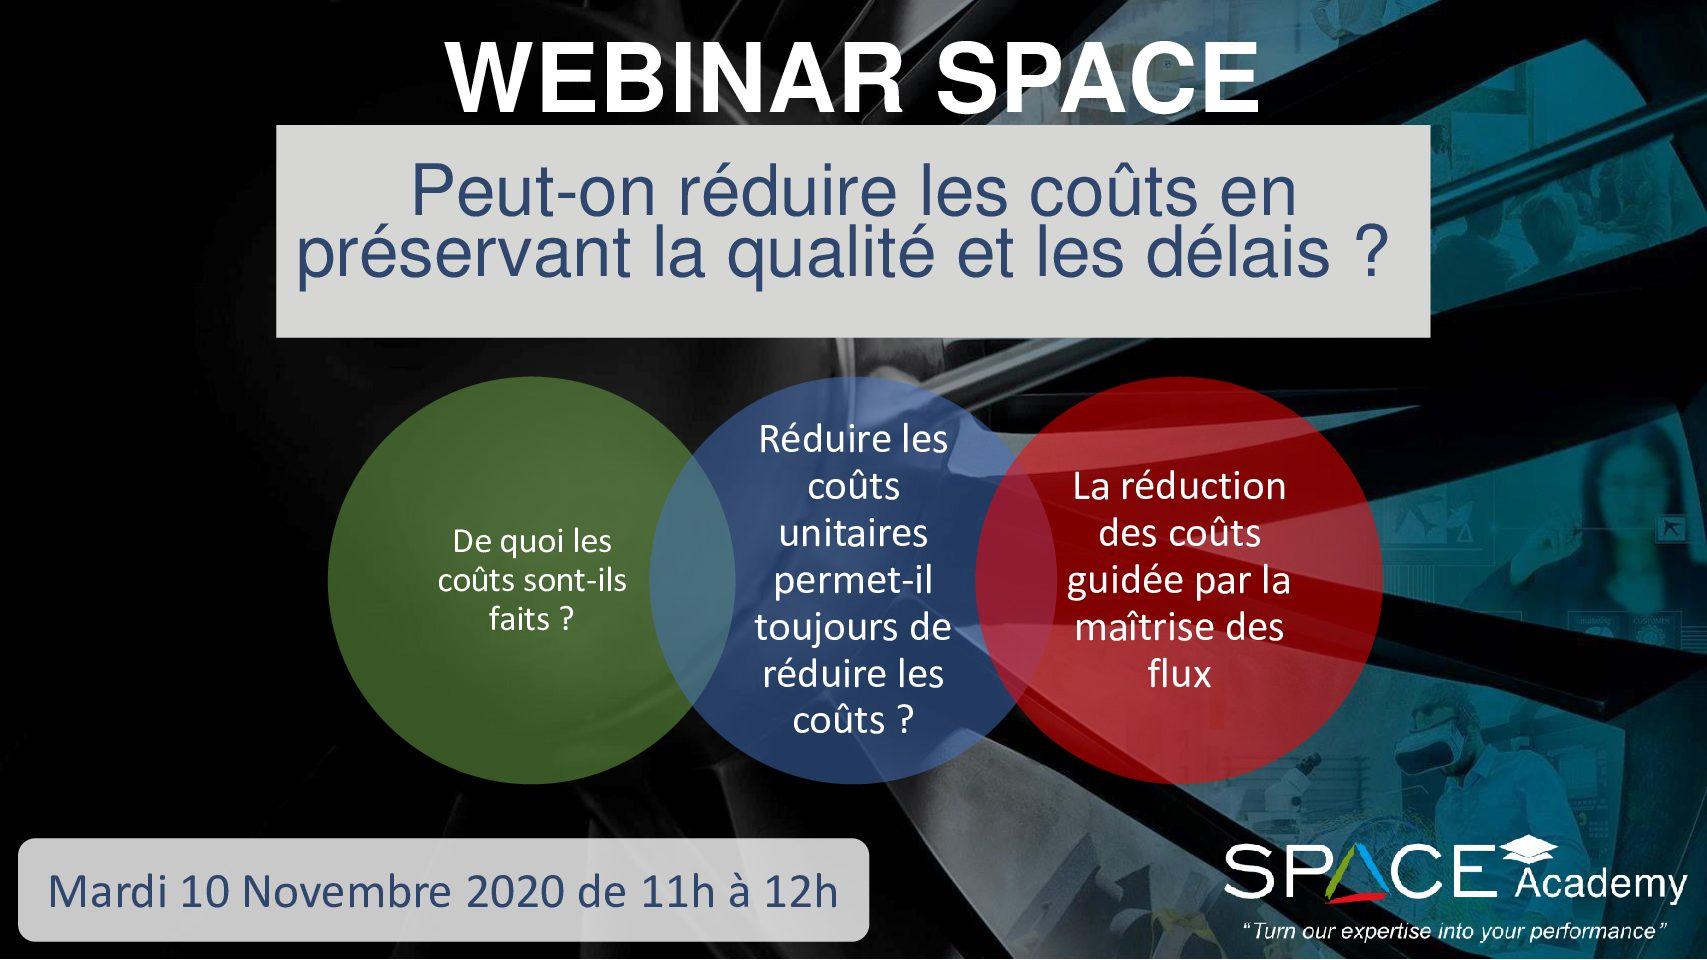 WEBINAR SPACE 10/11 : Peut-on Réduire Les Coûts En Préservant La Qualité Et Les Délais ?